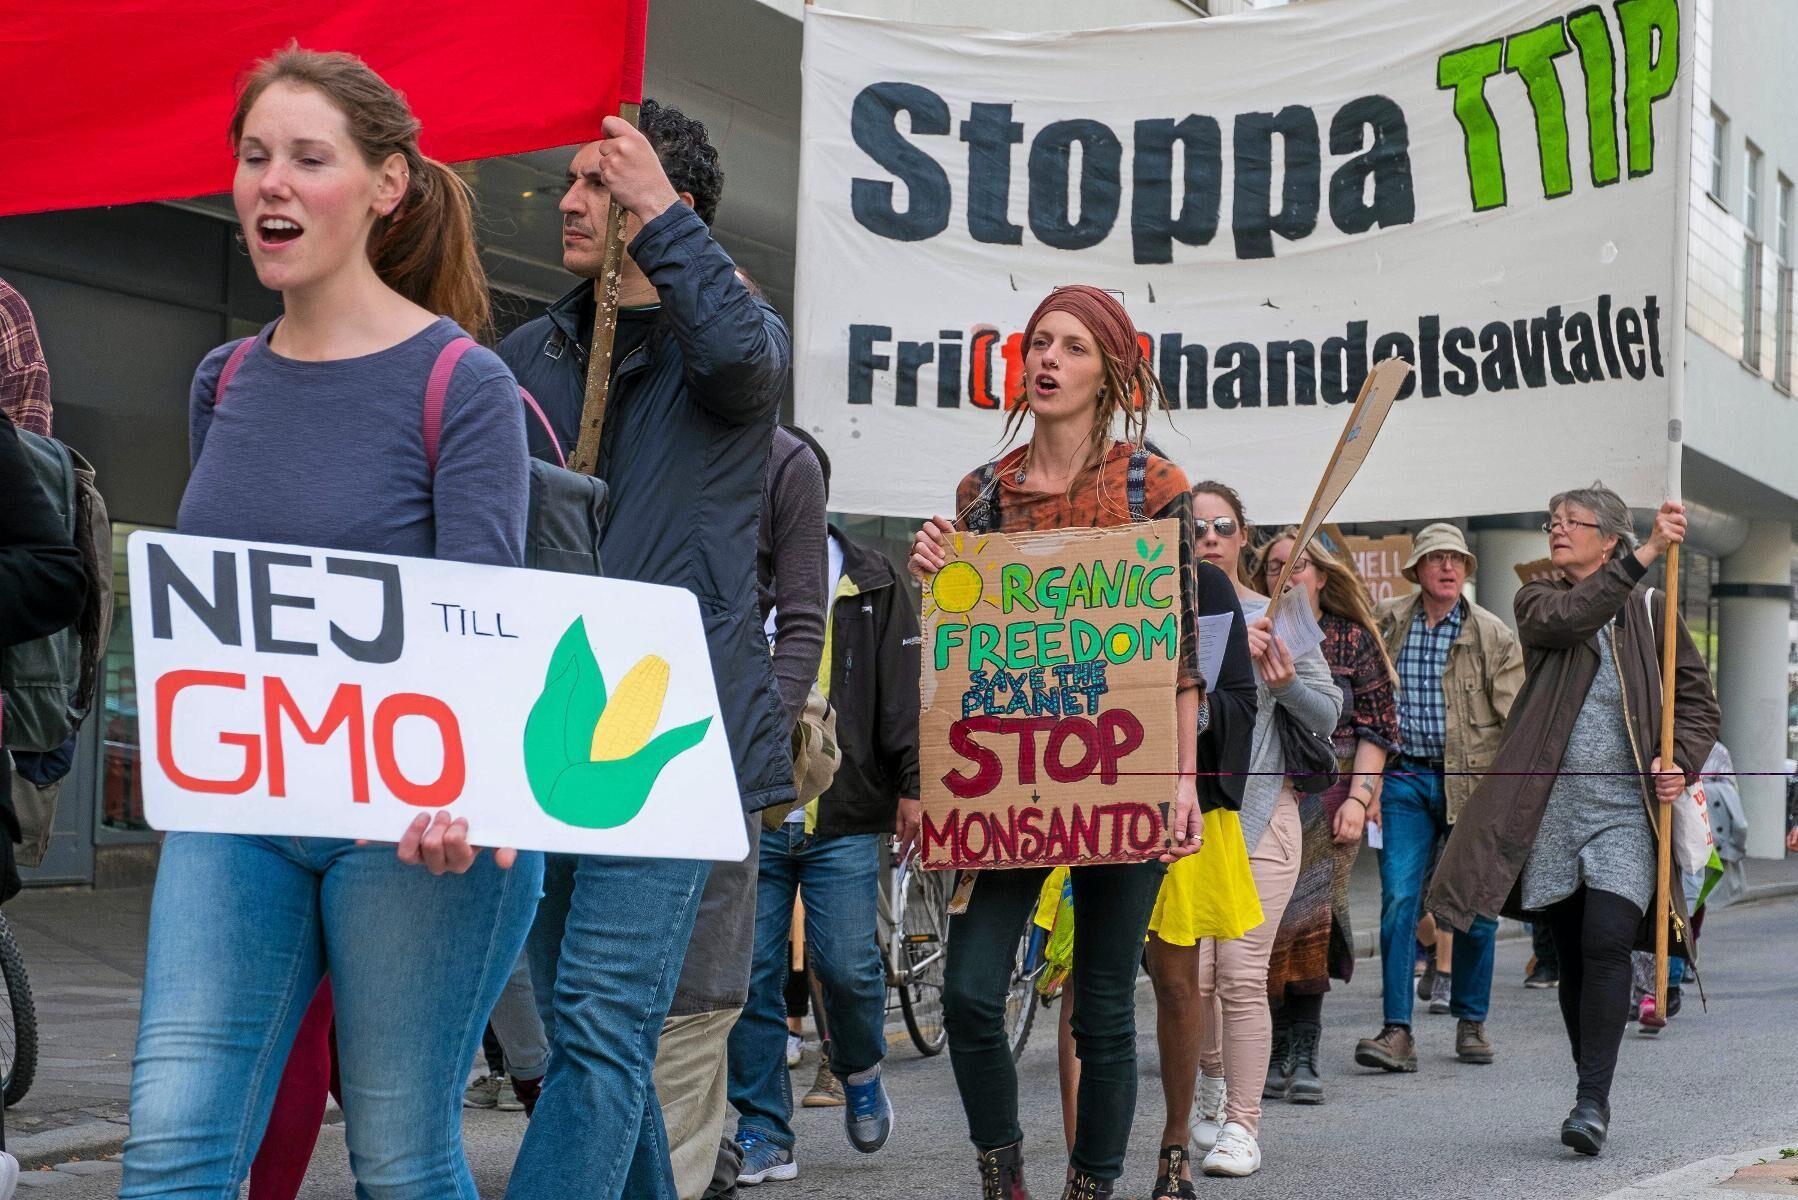 Marsch mot Monsanto i Malmö 21 maj 2016. Bolagets ägare Bayer uppges ha upprättat en lista med influerare som skulle påverkas till en positiv uppfattning om bekämpningsmedlet Roundup.